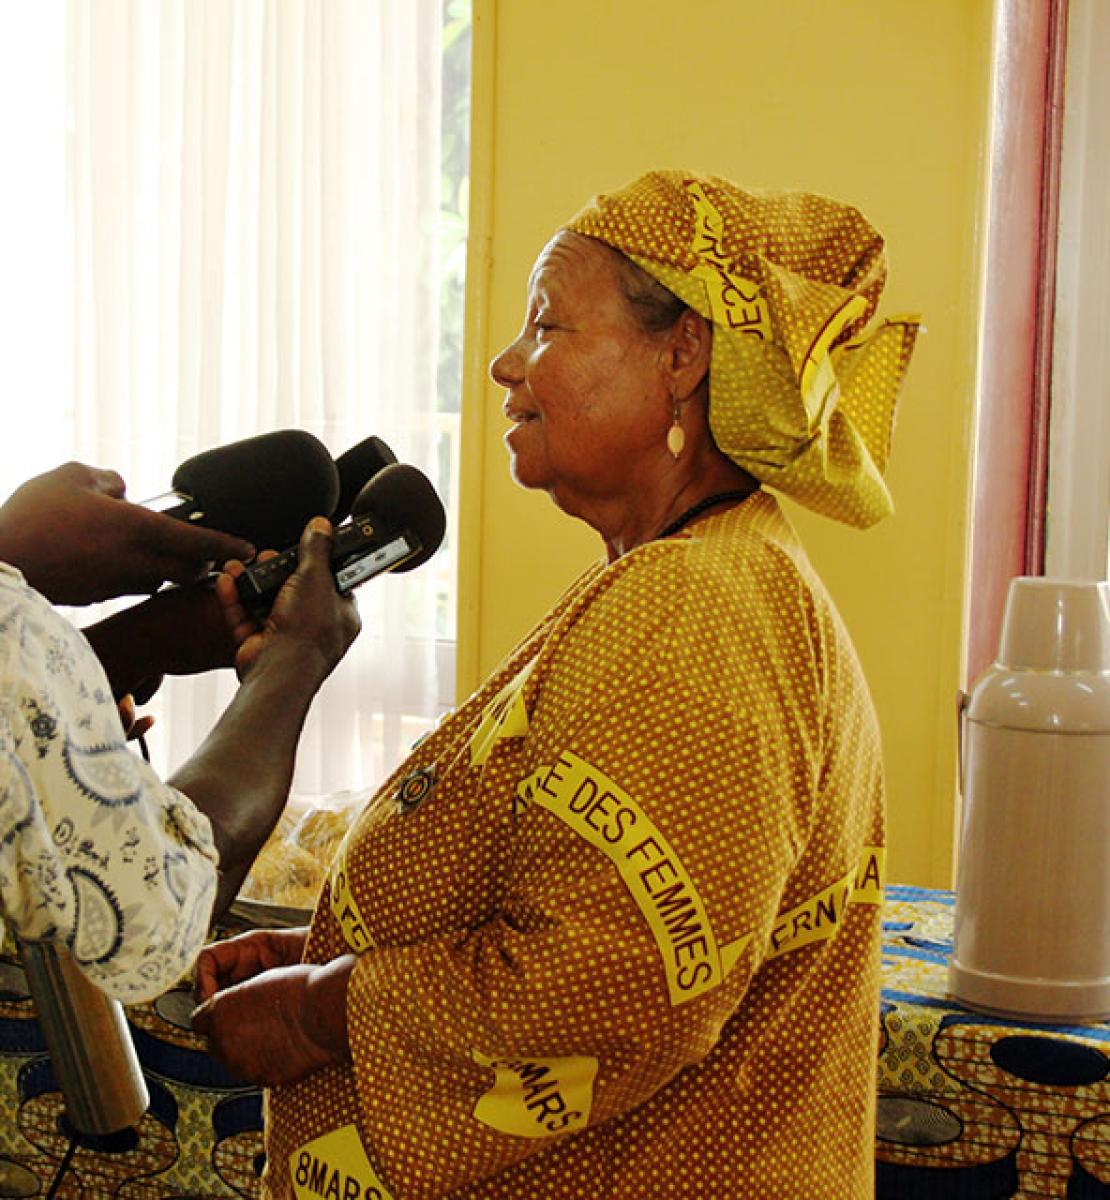 Une femme de la République centrafricaine vêtue d'une robe traditionnelle s'exprime au micro de plusieurs journalistes venus l'interviewer.